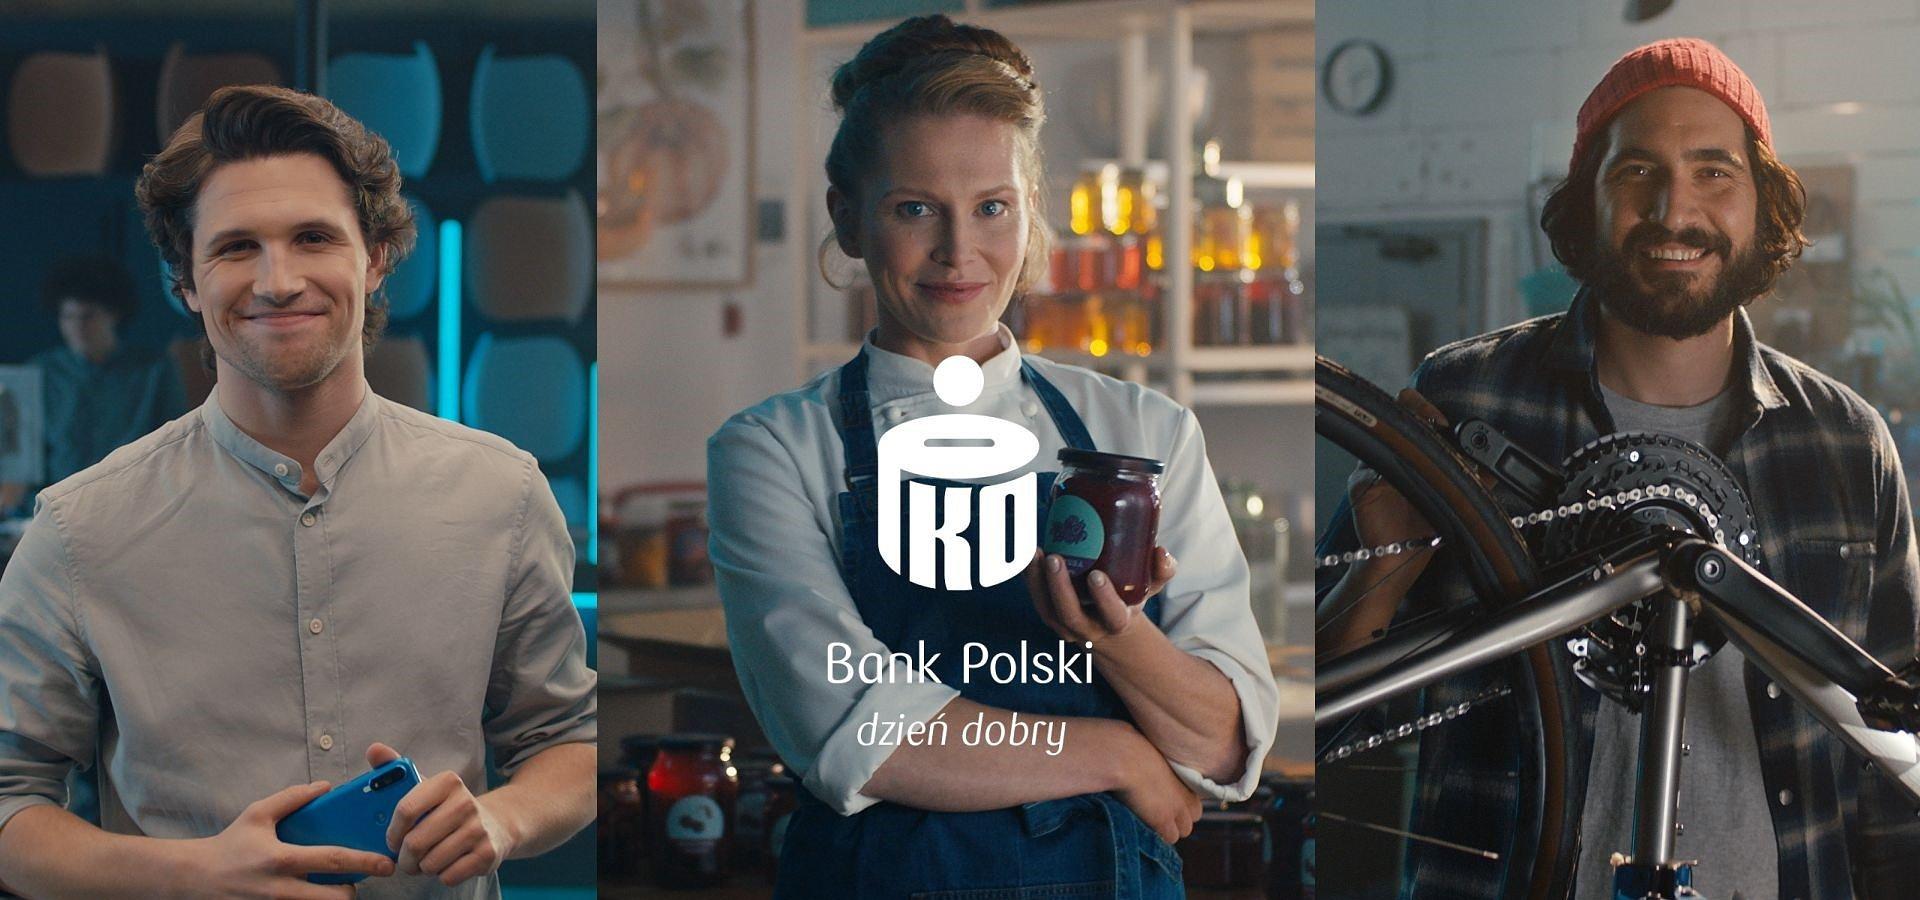 Jak się powie A, to trzeba powiedzieć B, C, D itd. – nowa kampania dla firm w PKO Banku Polskim